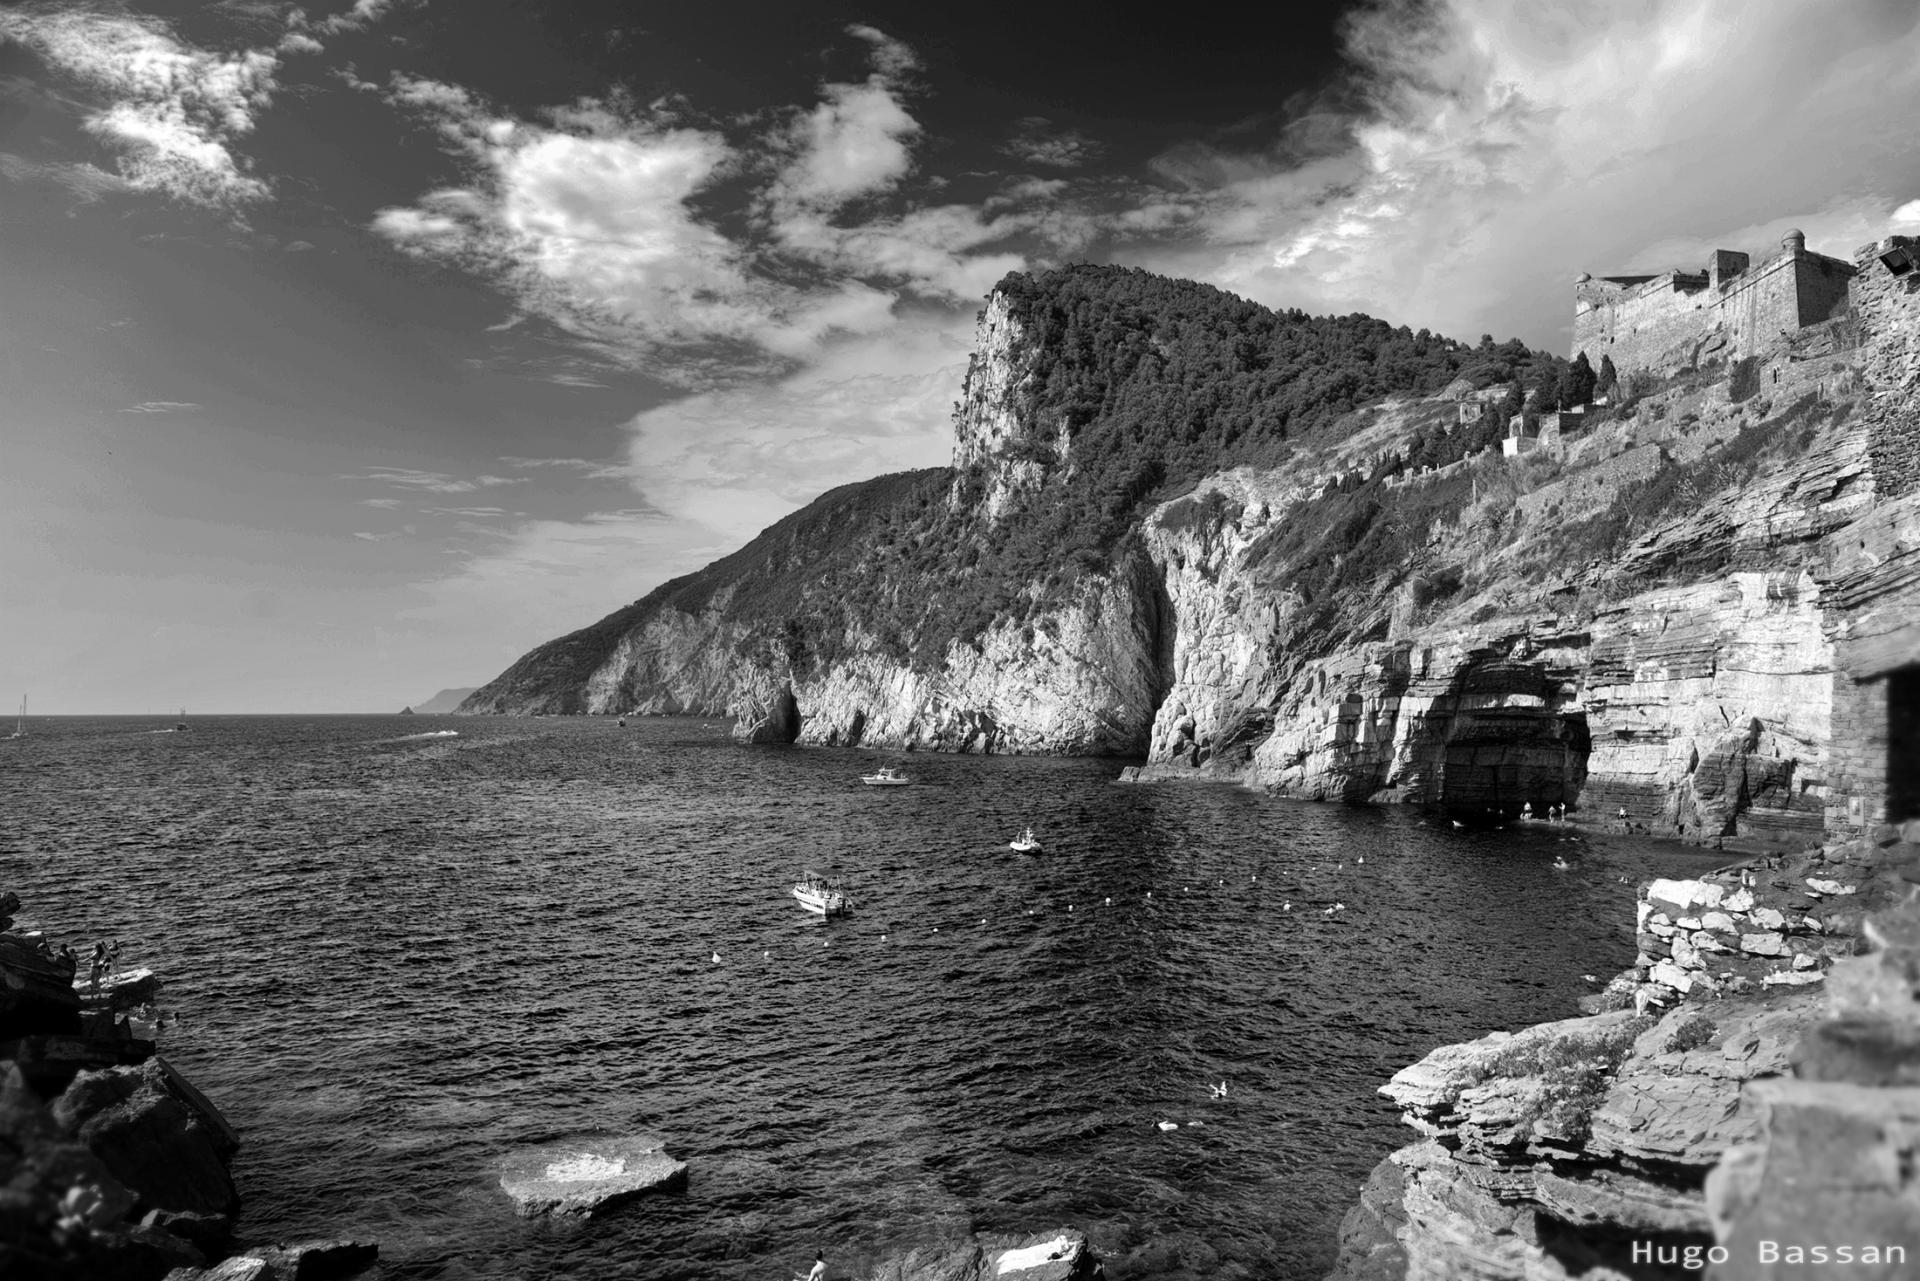 Portovenere - Italy